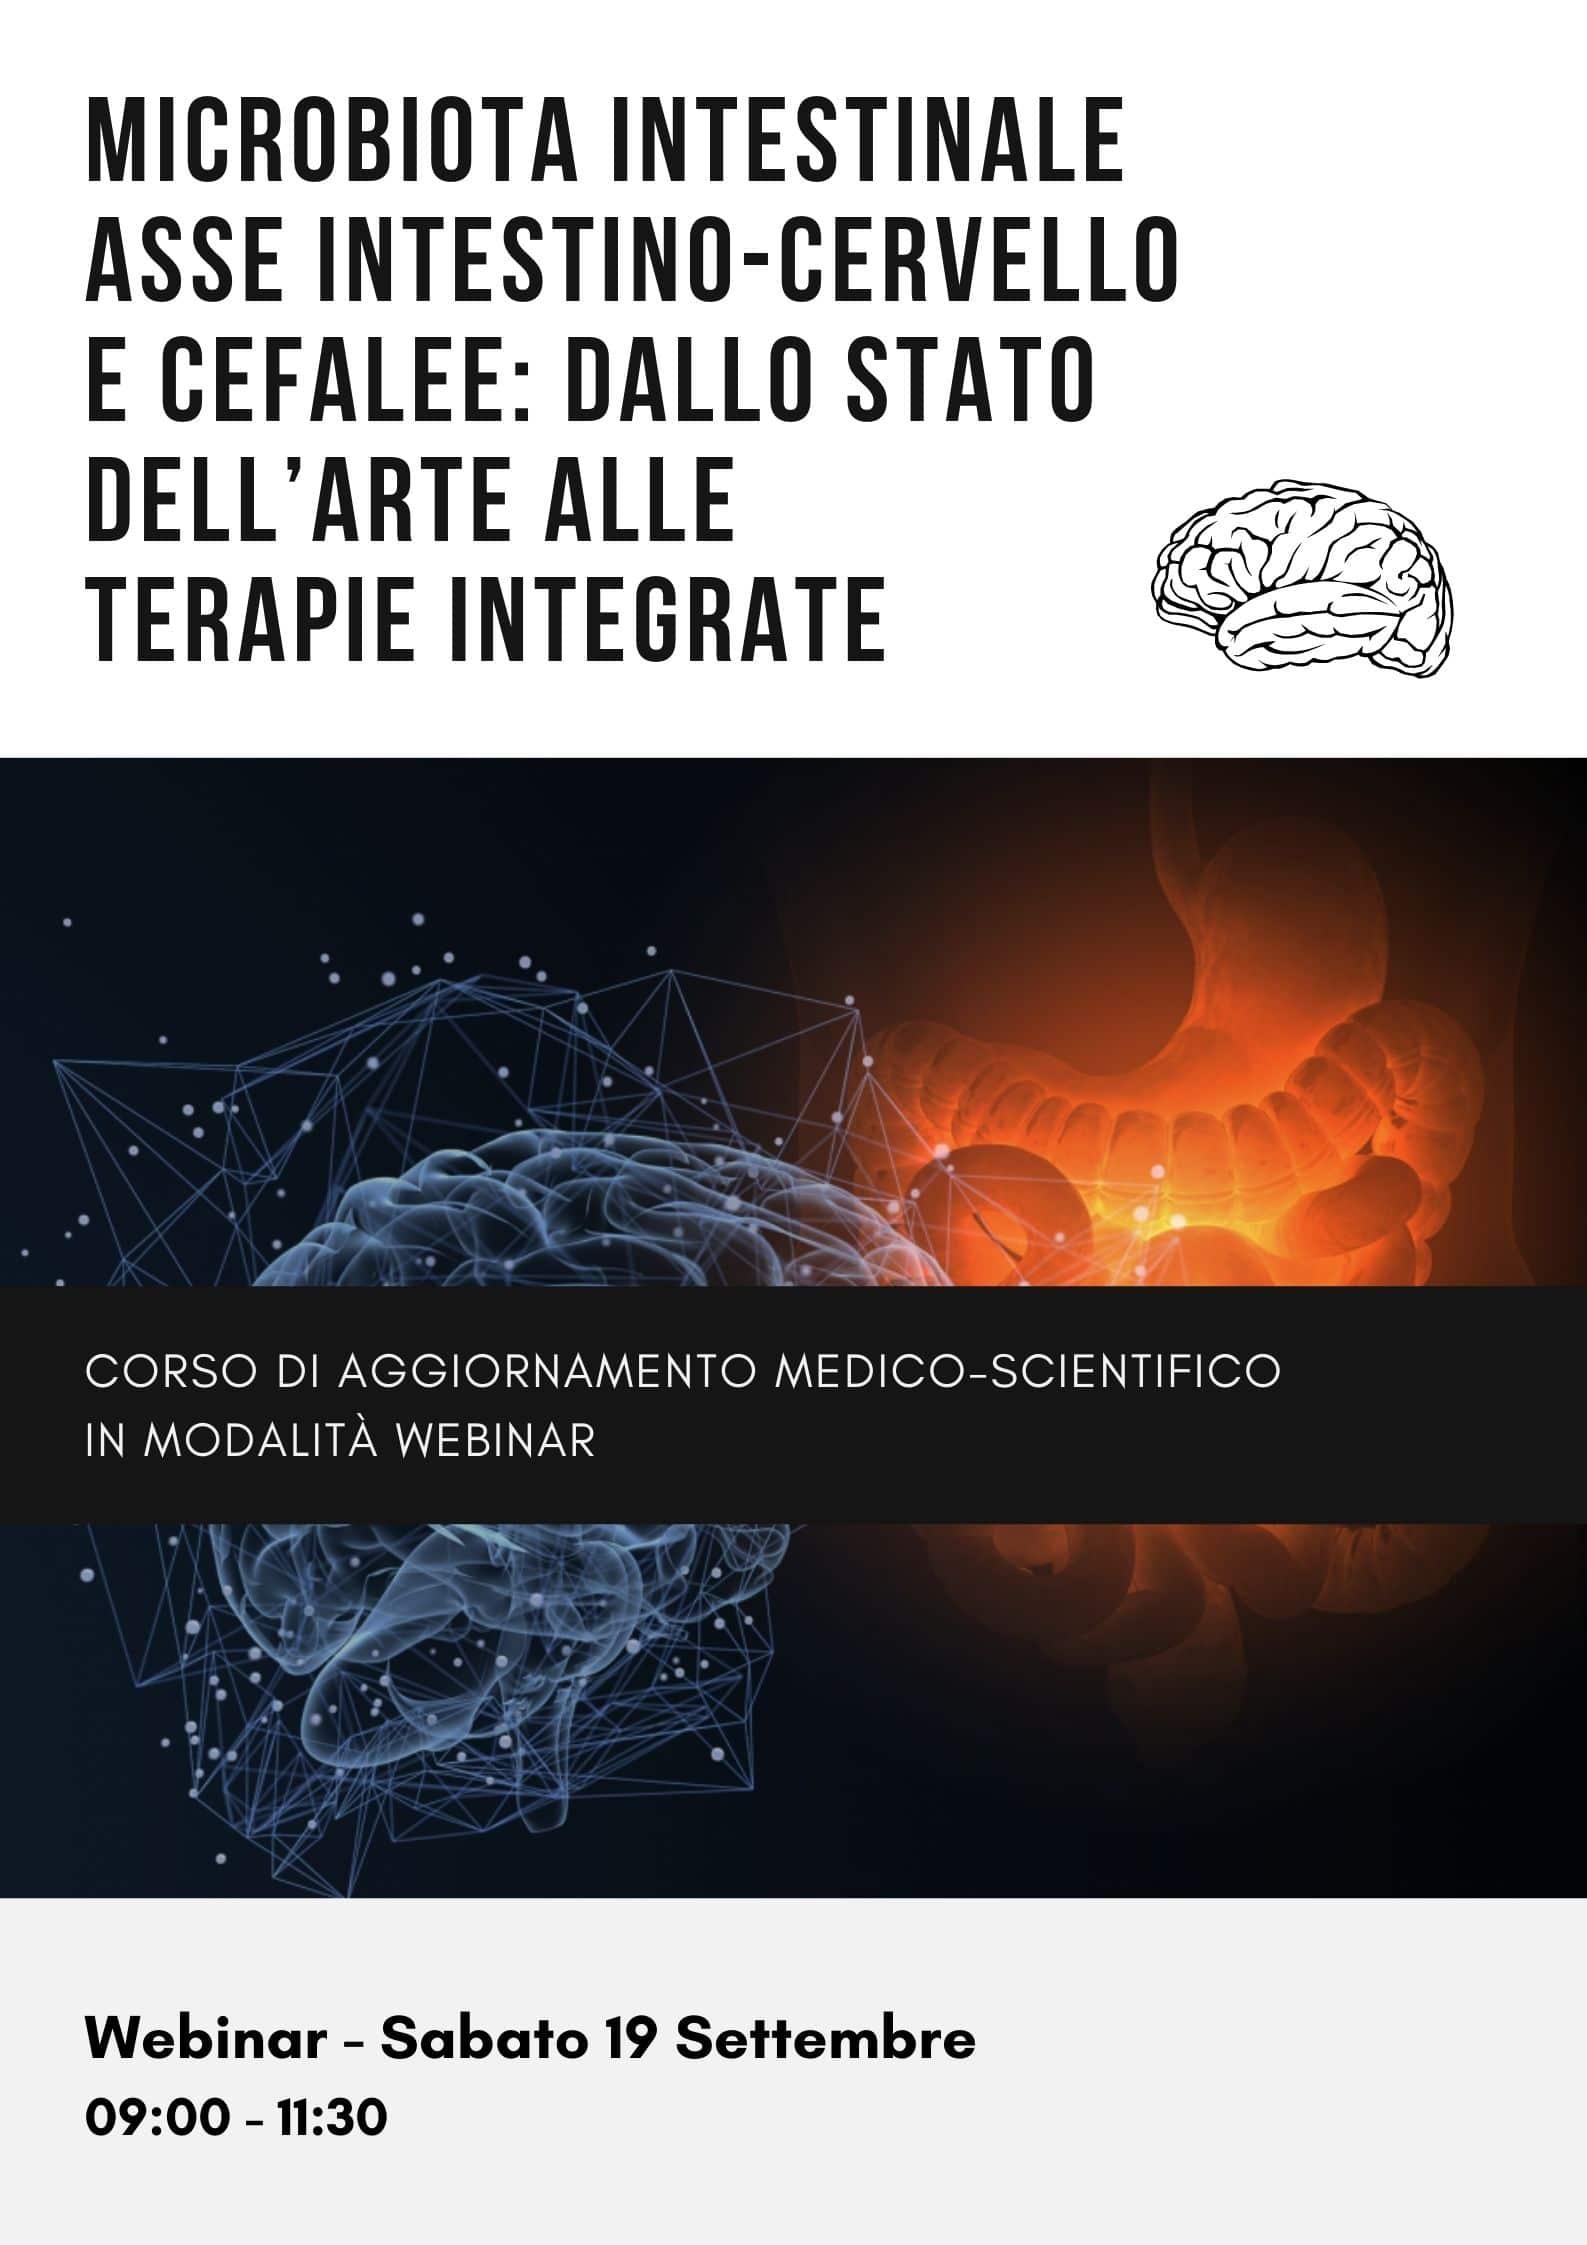 Microbiota intestinale asse intestino-cervello e cefalee: dallo stato dell'arte alle terapie integrate